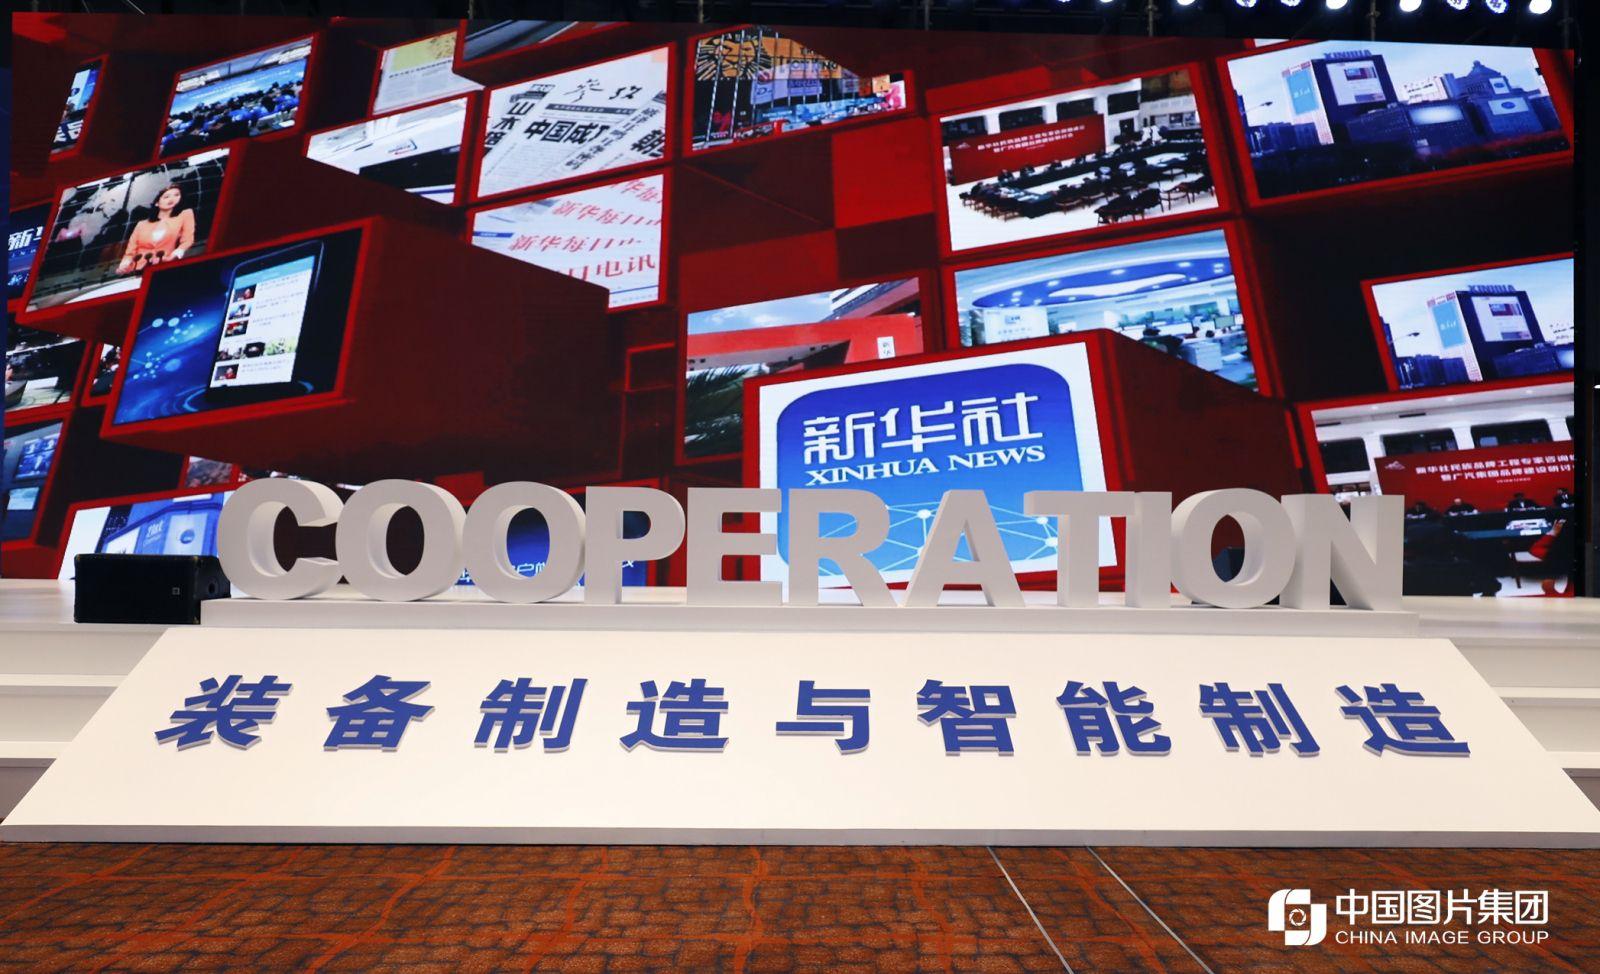 2019中国(辽宁)国企合作与发展论坛:装备制造与智能制造现场